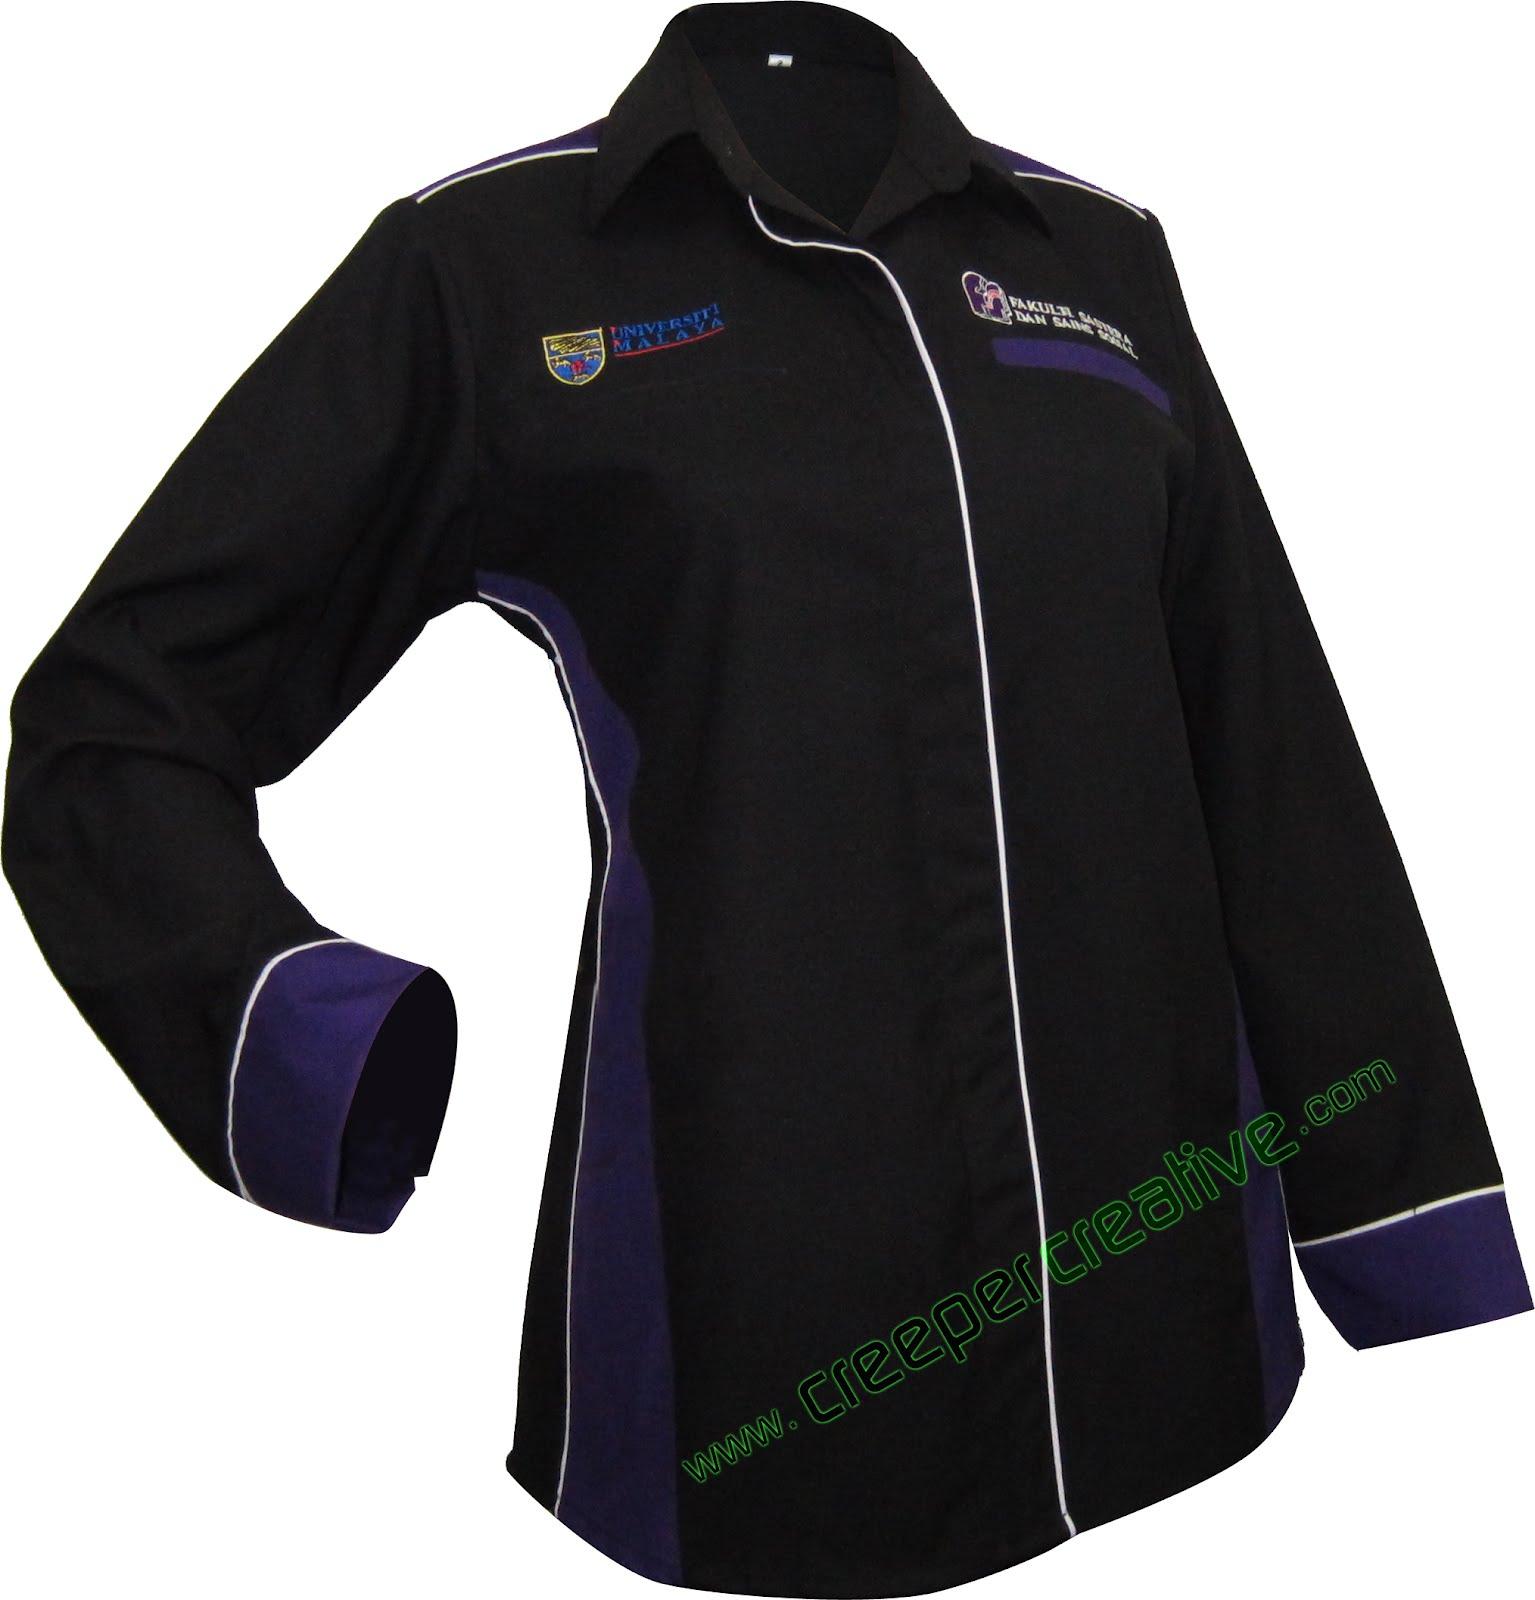 Design t shirt universiti - Kemeja Korporat F1 Shirt Kemeja F1 Corporate Shirt Baju F1 Baju Korporat F1 Uniform Corporate Uniform Uniform Ceo Jacket Executive Jacket